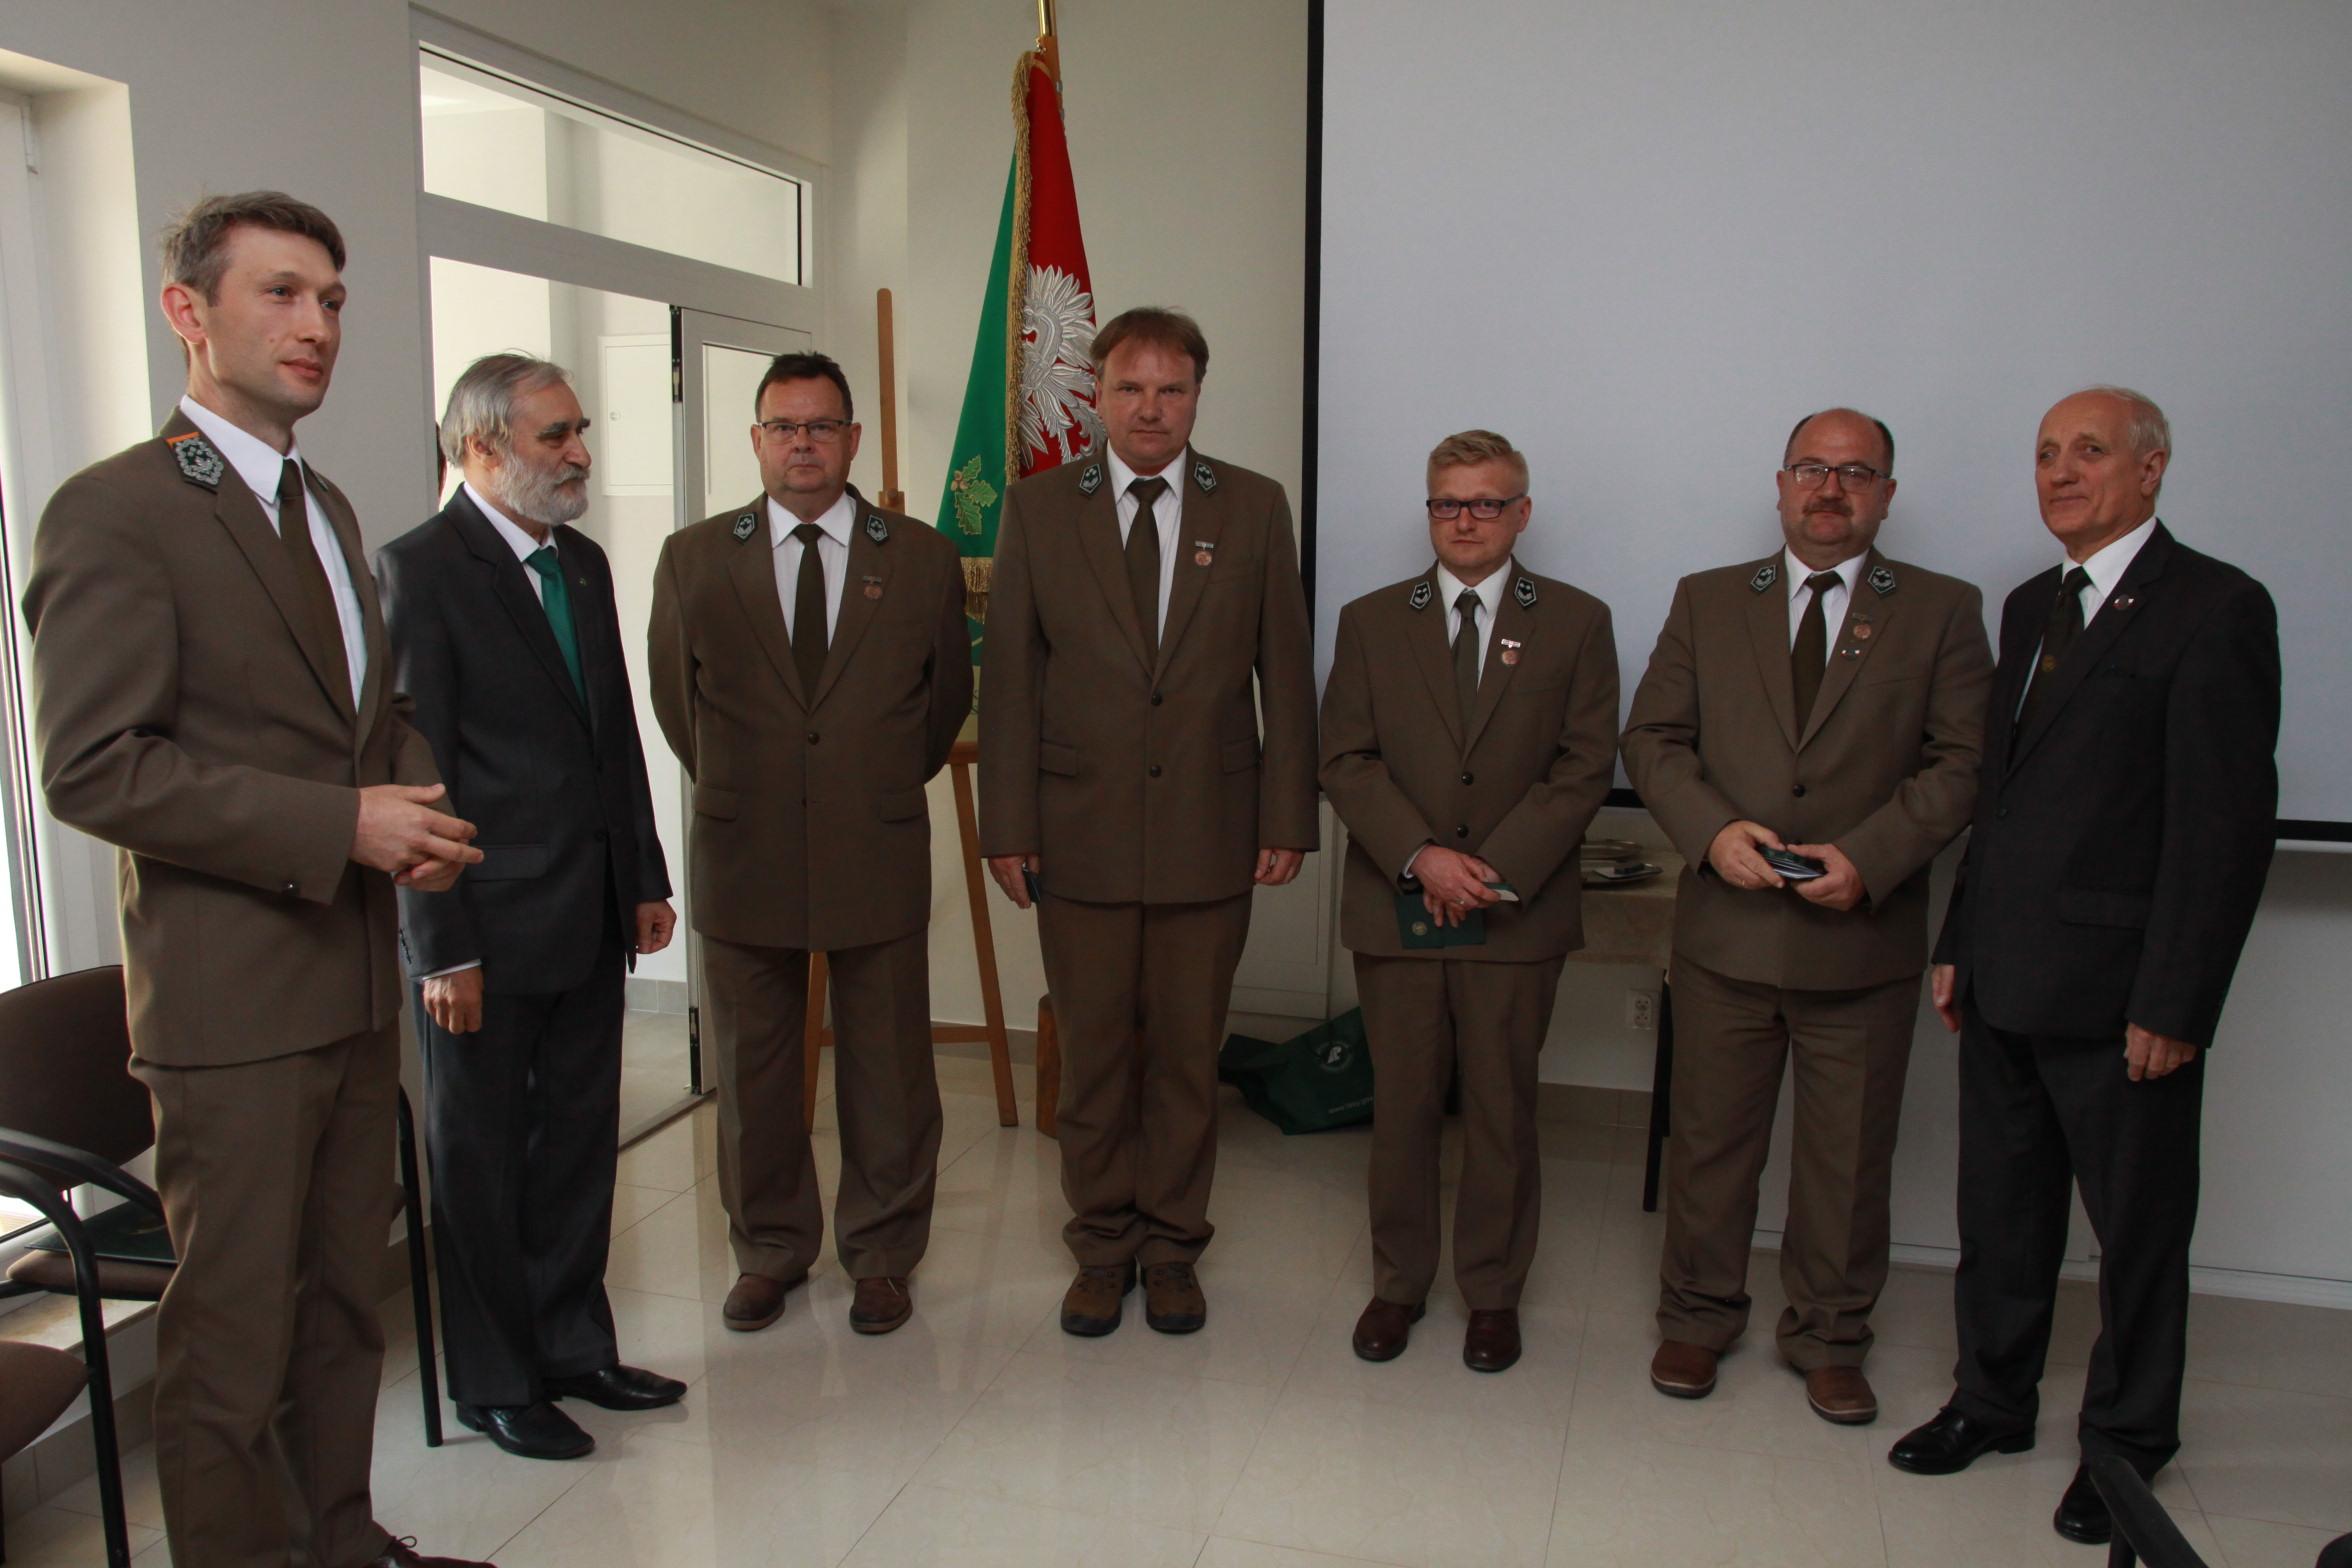 9 Brązowe Odznaki - G.Atraszkiewicz,M.Bierżyński, D.Cholewa, G.Klimek